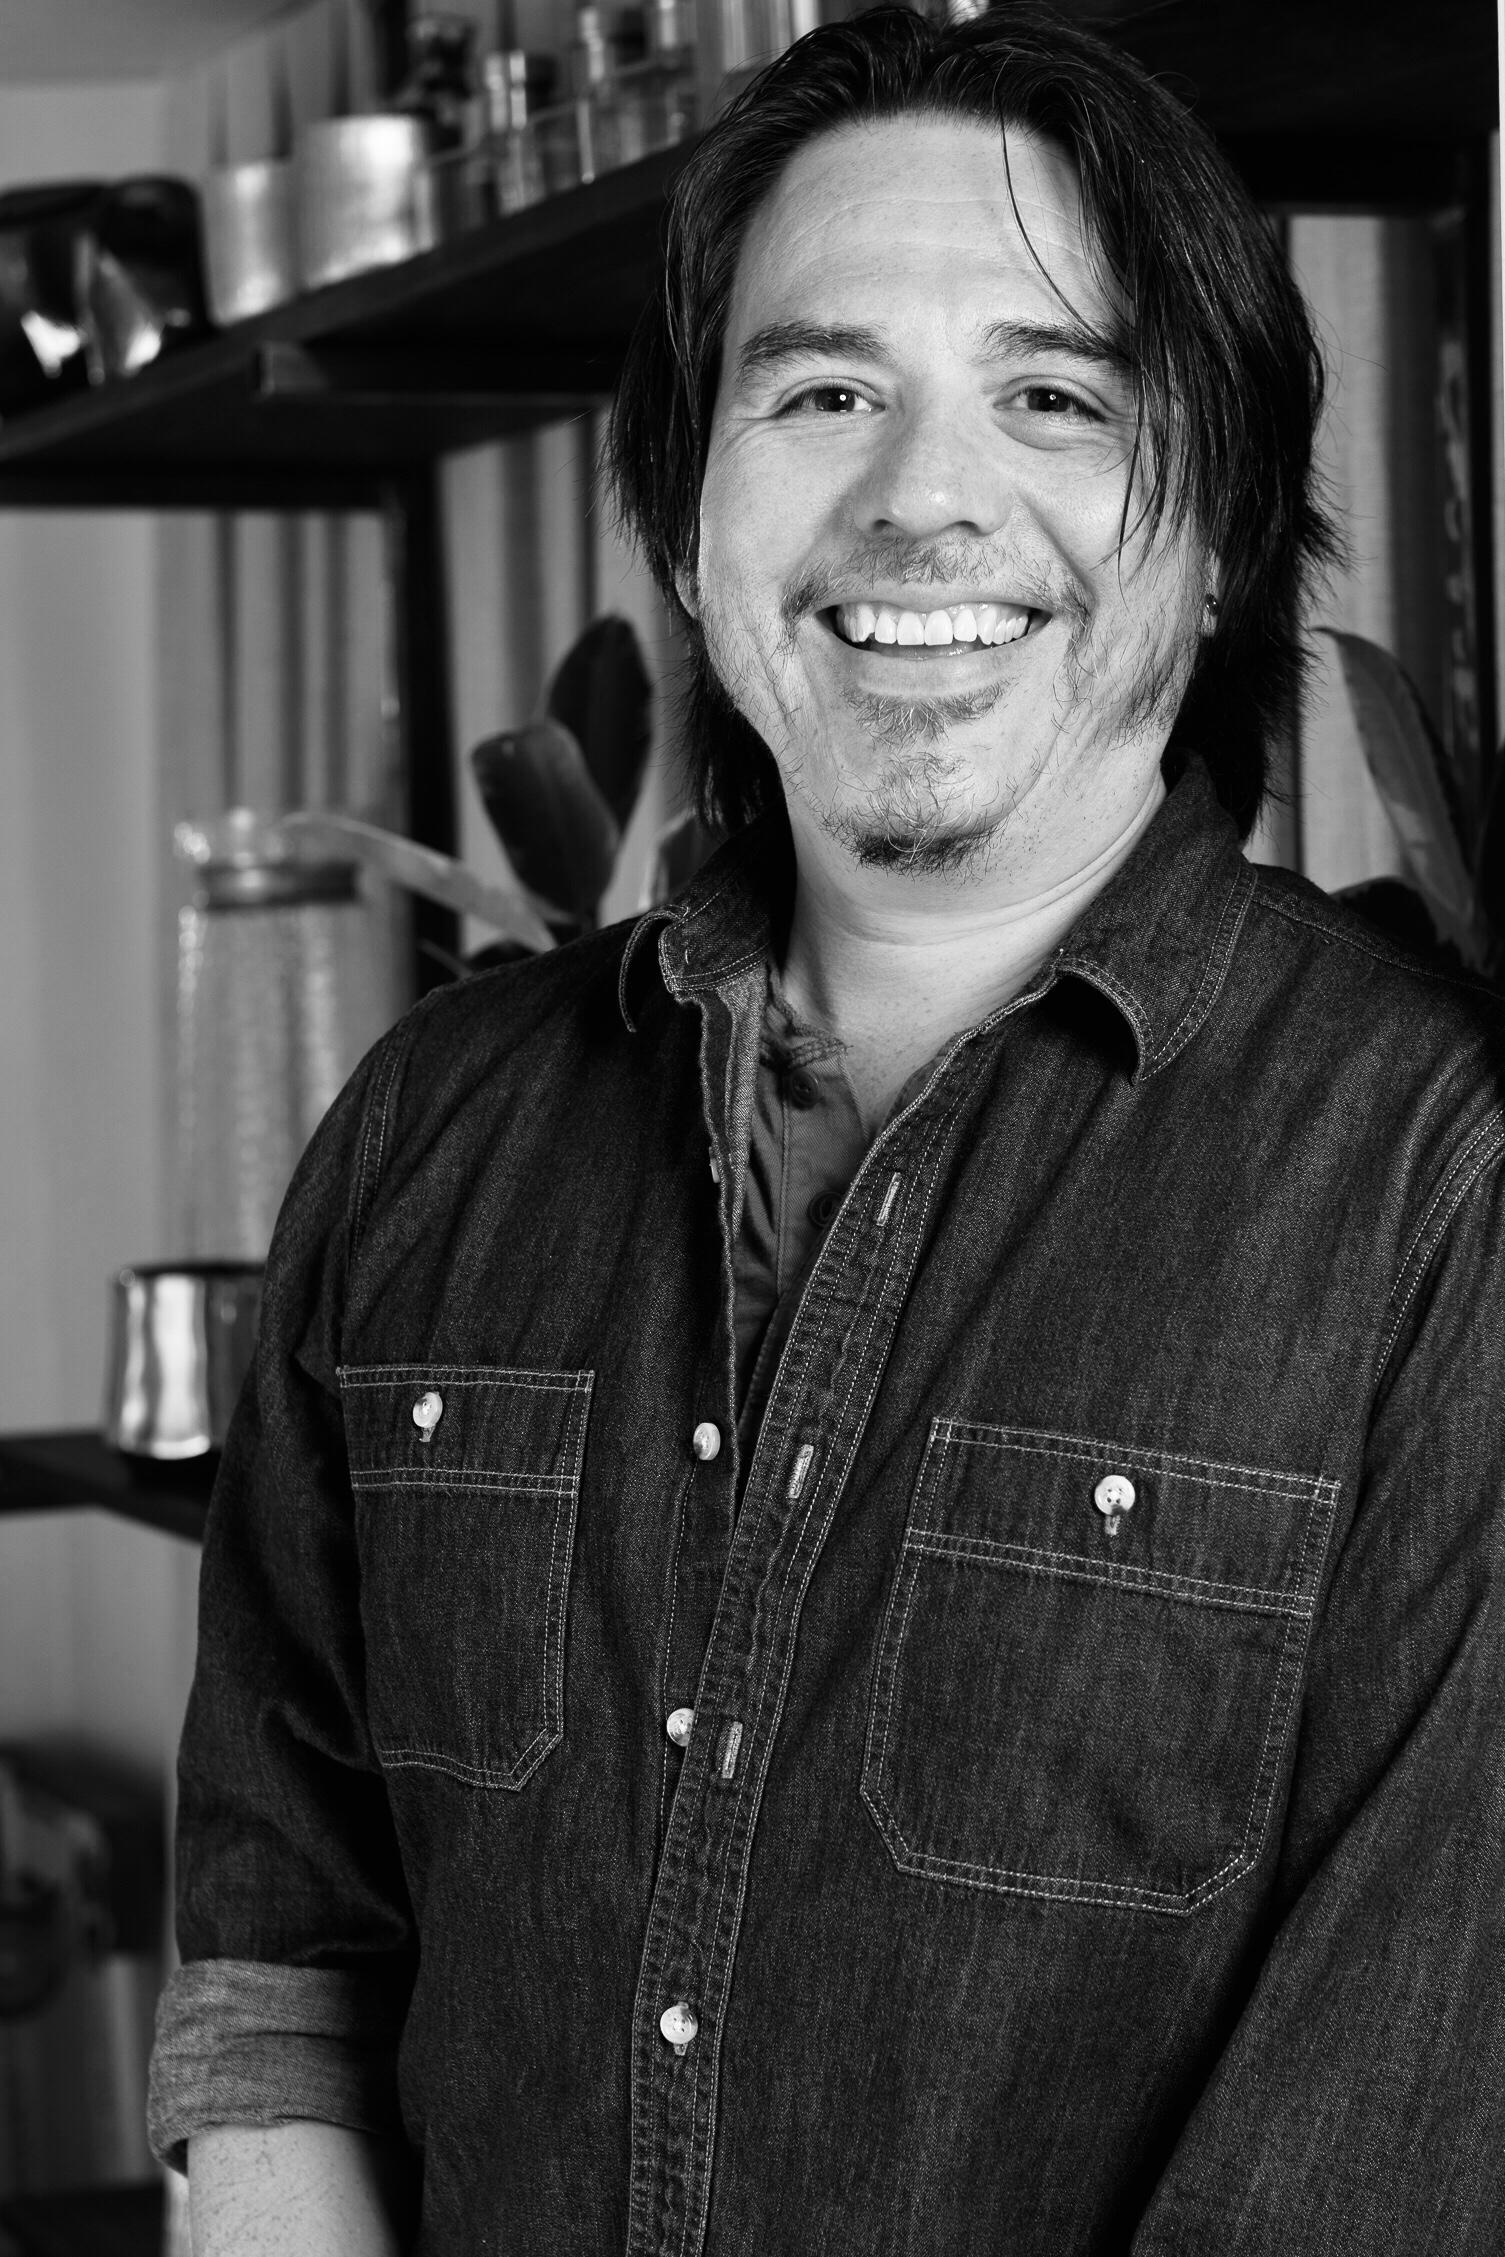 Juan M. Villanueva, Owner & Lead Florist